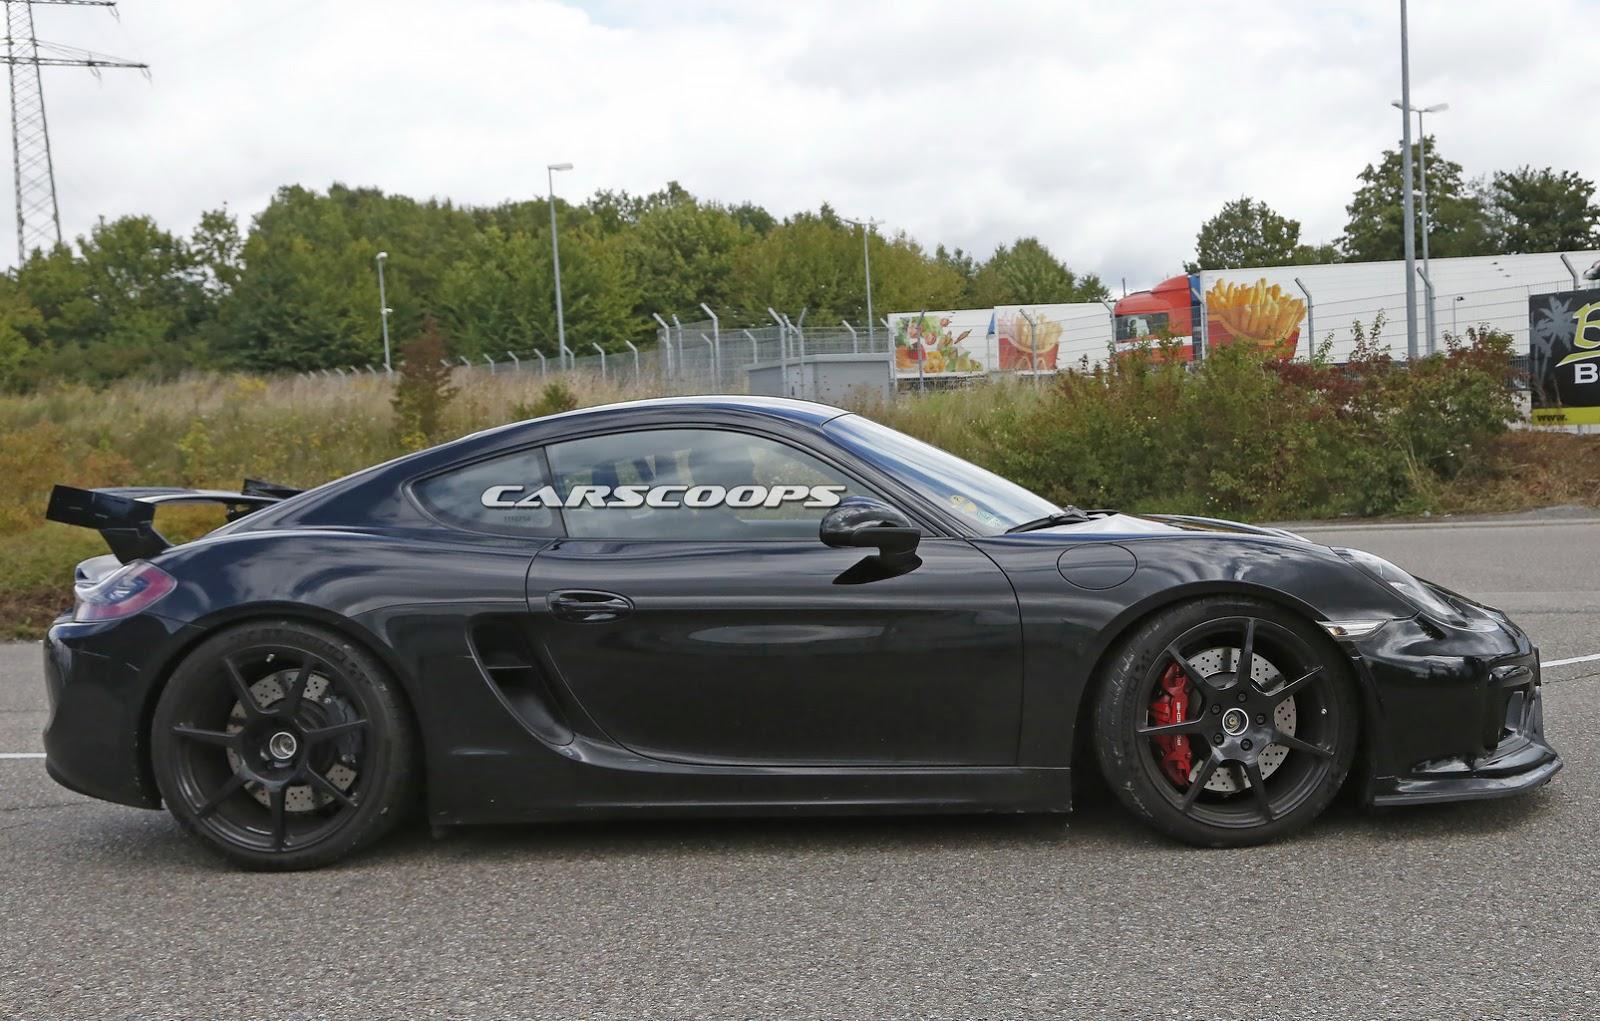 2016 - [Porsche] 718 Boxster & 718 Cayman [982] - Page 2 New-Porsche-Cayman-GT4-06